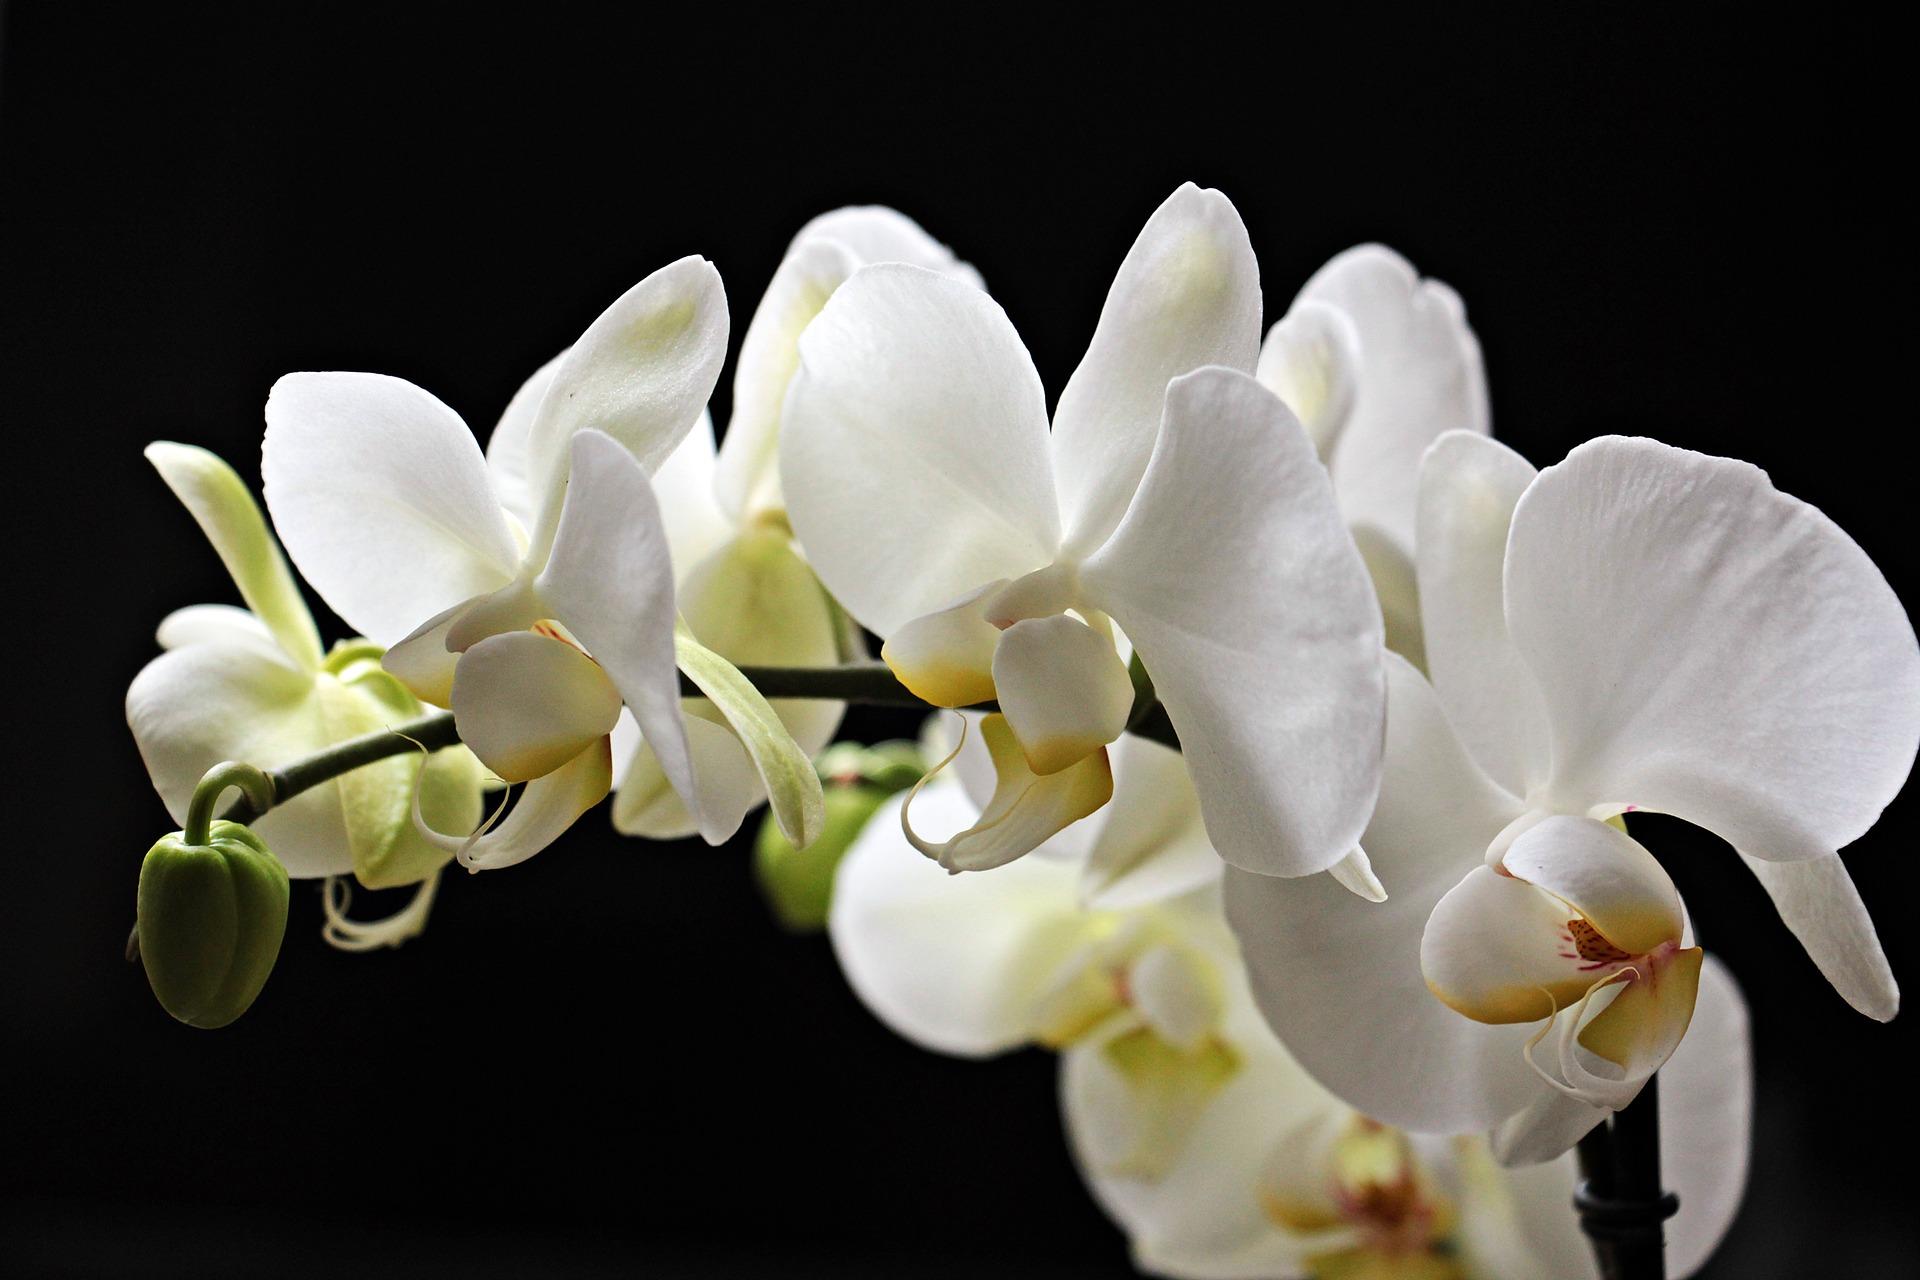 プチプラのオールインワンジェルに配合されている美白成分の効果とは?美白ジェルのおすすめは?